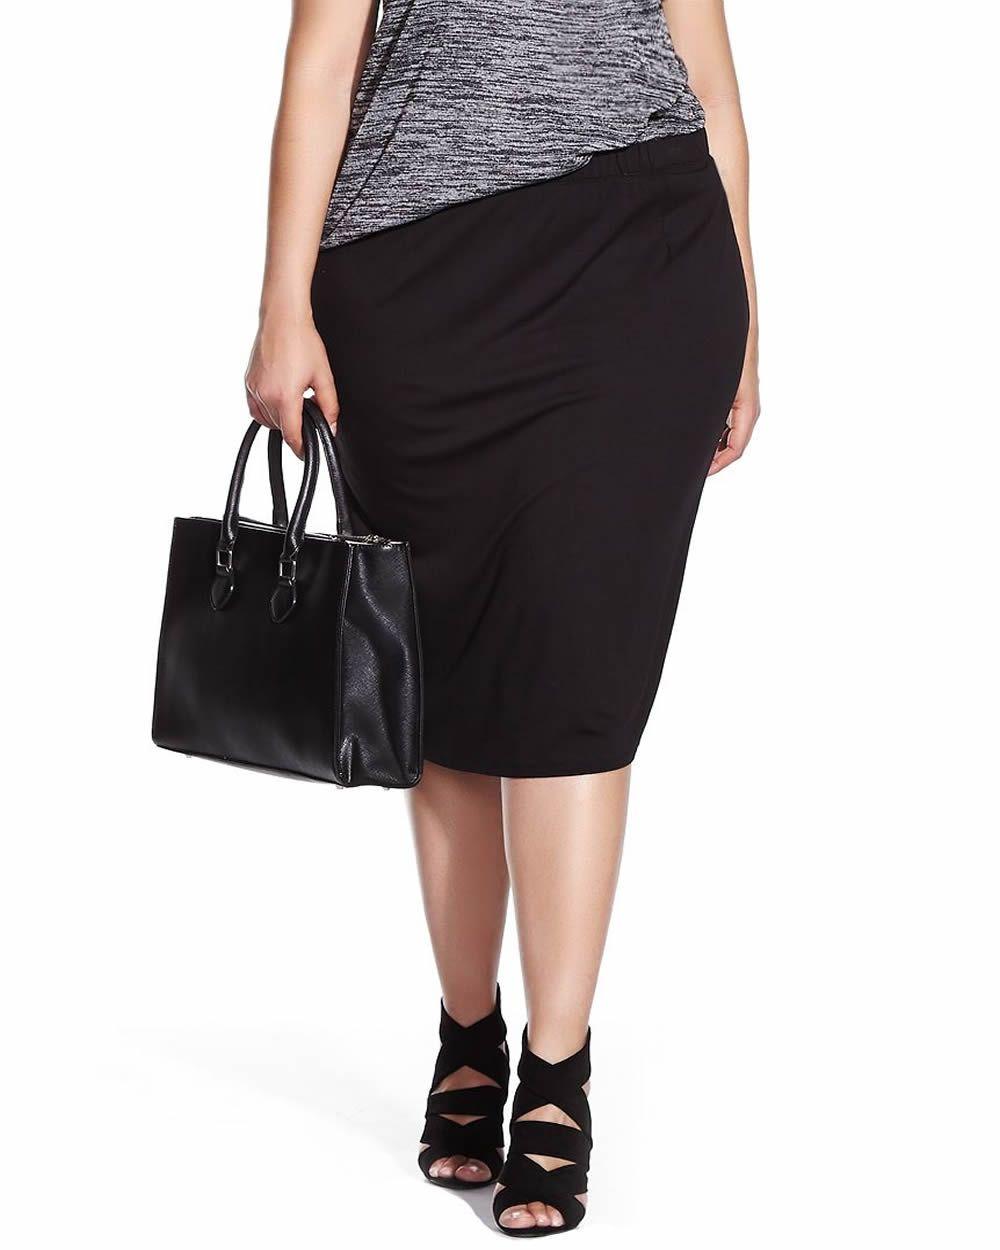 Reitman's Plus Size Midi Skirt